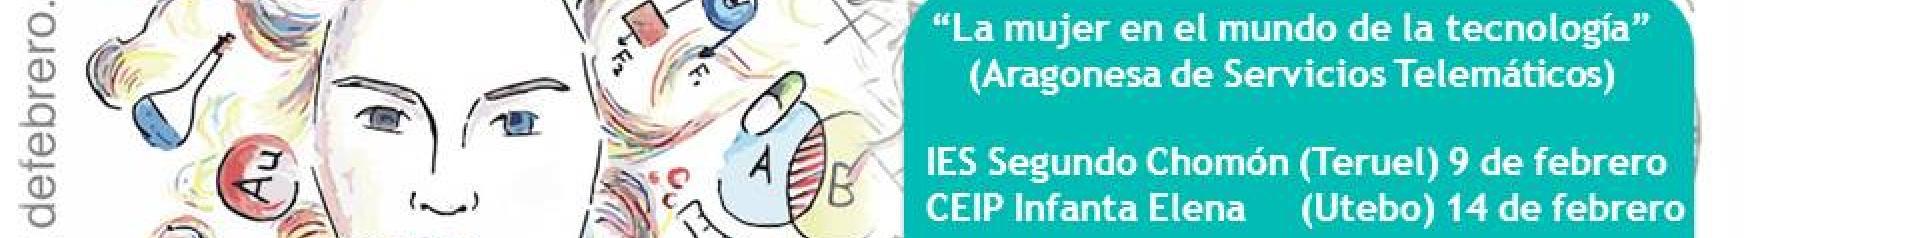 Imagen de Participación de AST en la Iniciativa 11F